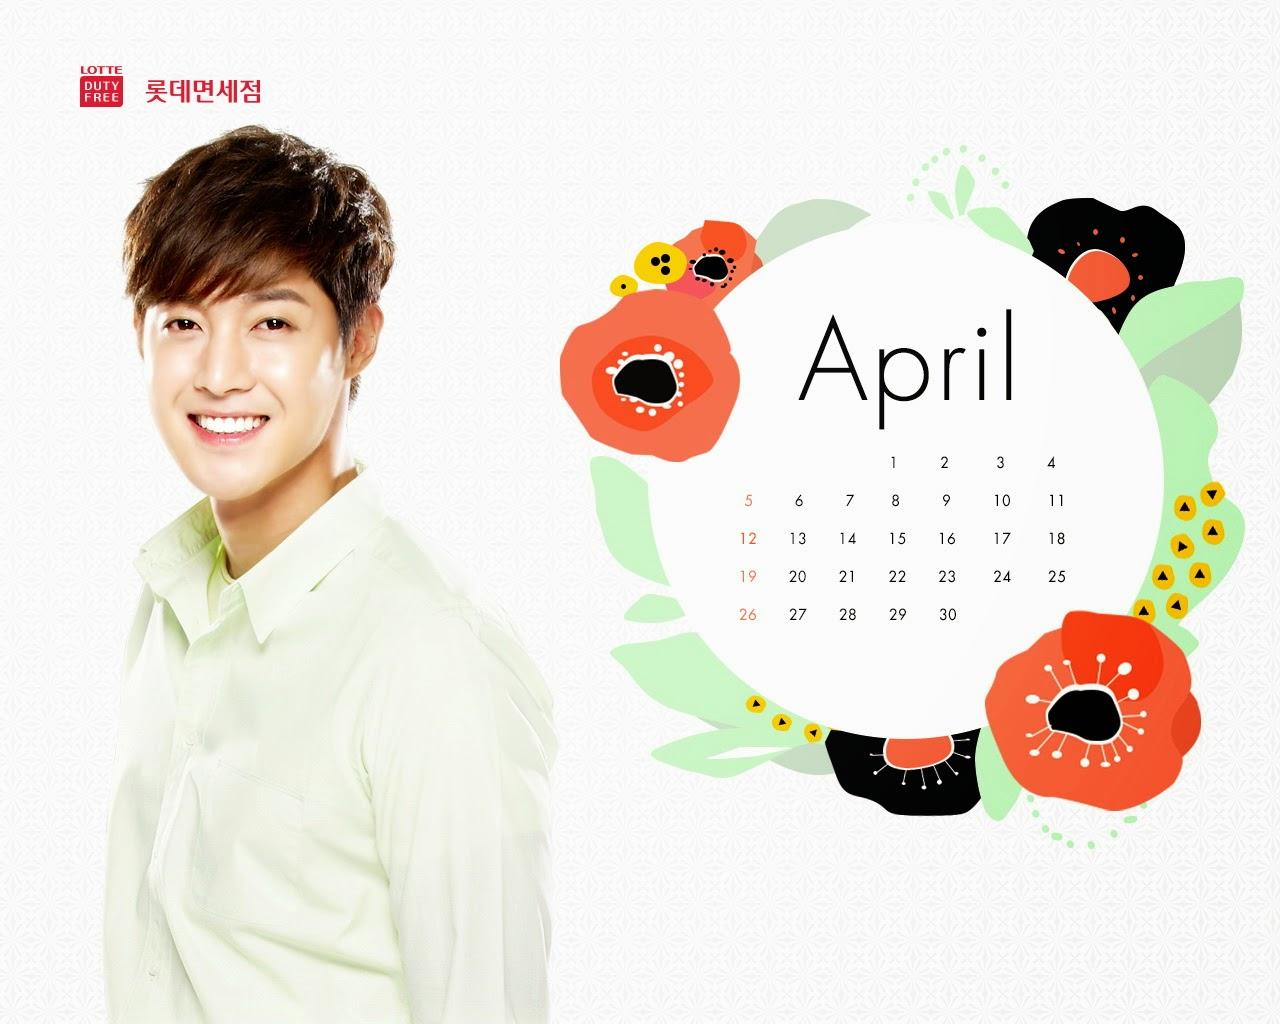 Kim Hyun Joong - Lotte Duty Free April 2015 Calendar Wallpaper